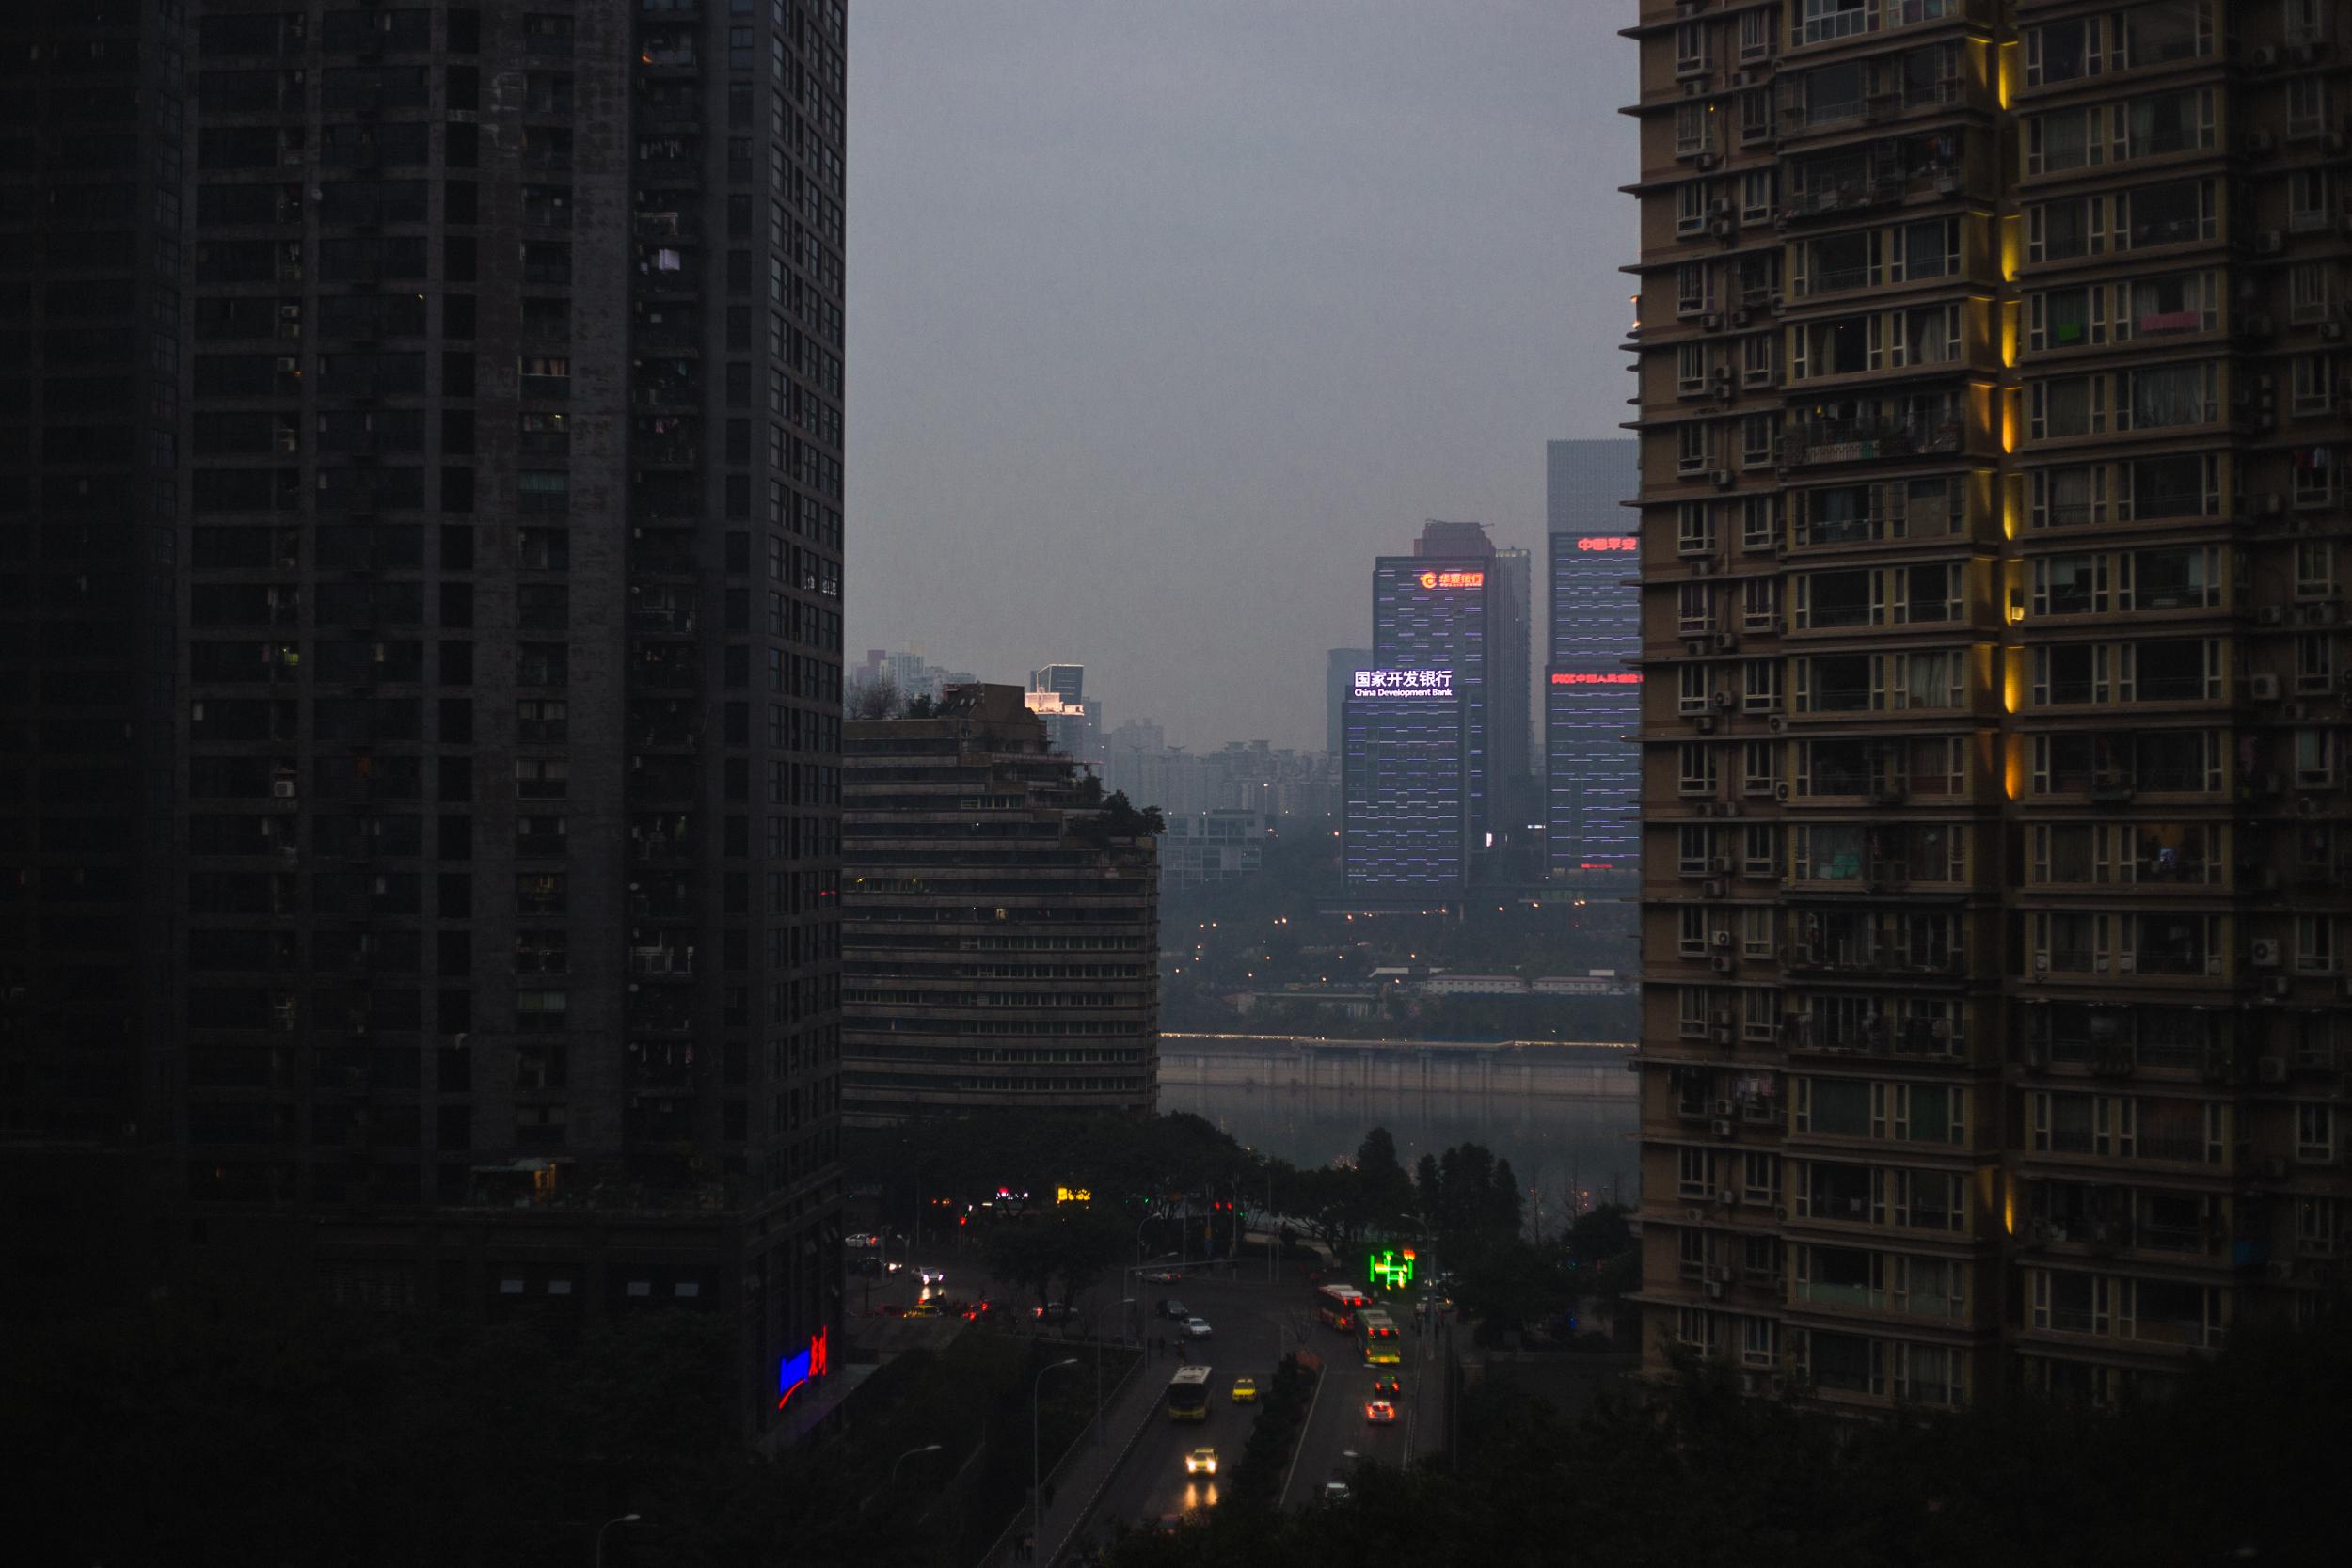 Chongqing, 2017